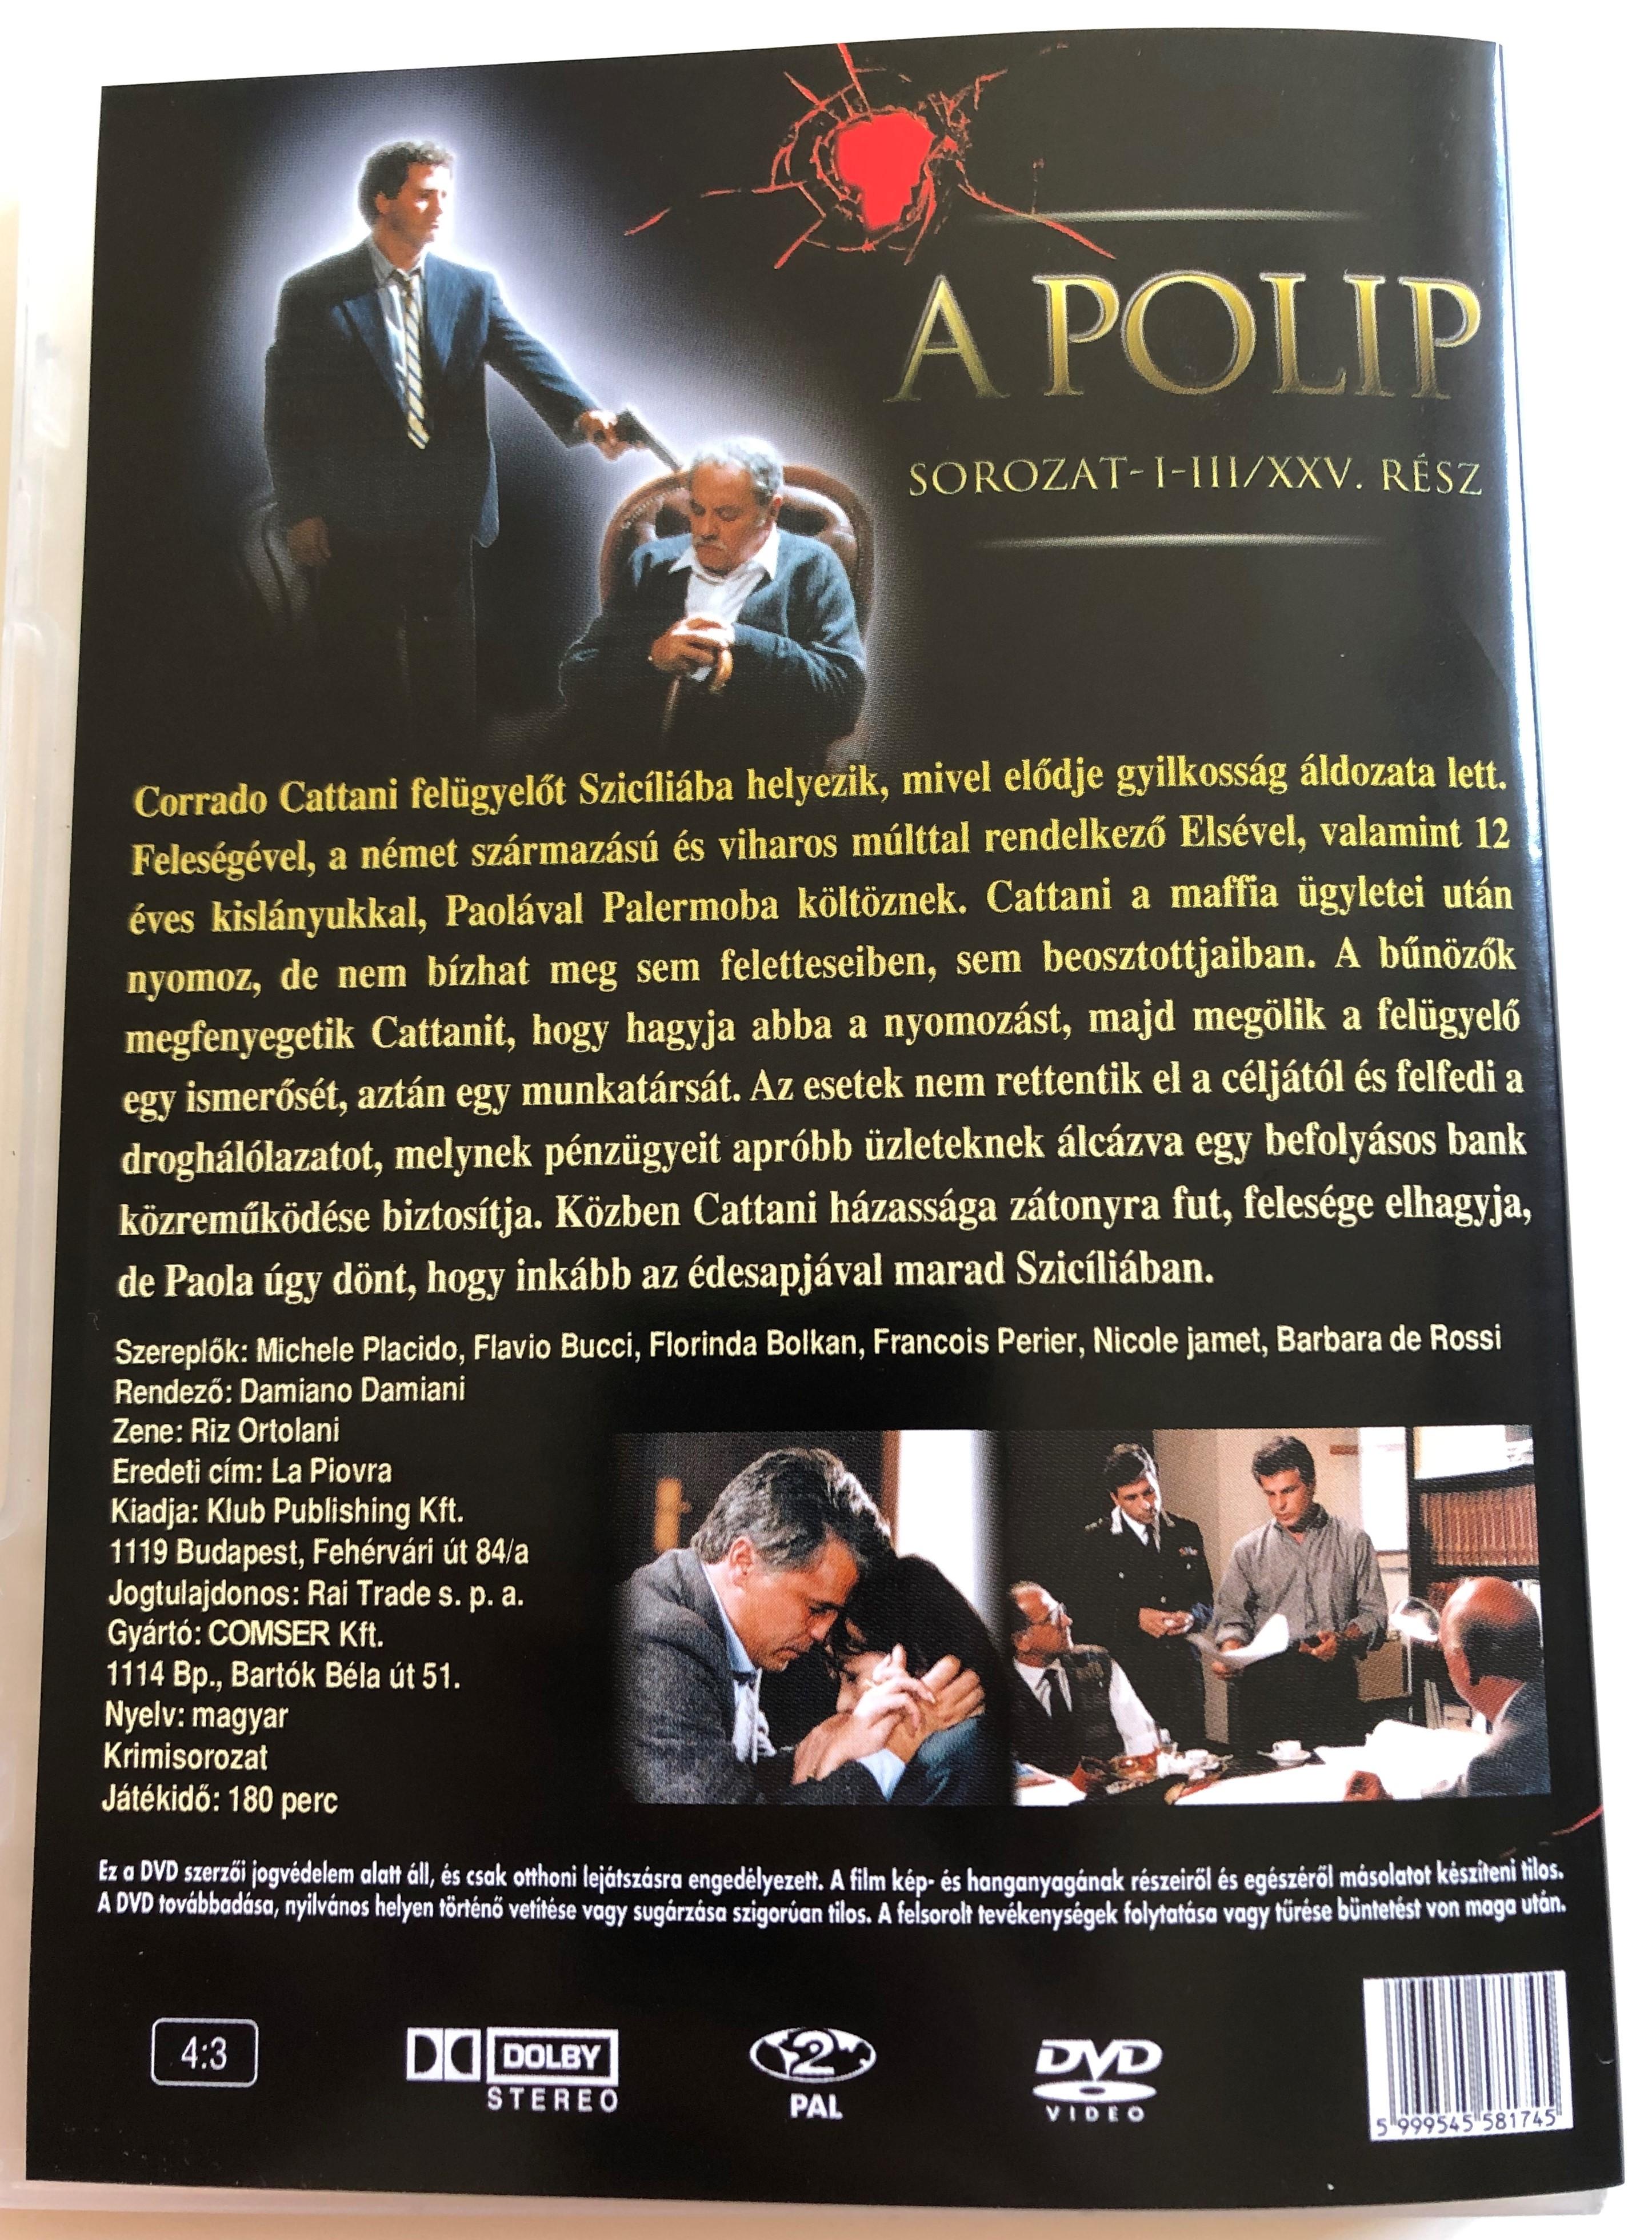 a-polip-dvd-1984-la-piovra-directed-by-damiano-damiani-starring-michele-placido-patricia-millardet-remo-girone-vittorio-mezzogiorno-raoul-bova-bruno-cremer-italian-crime-tv-series-season-1-3-2-.jpg